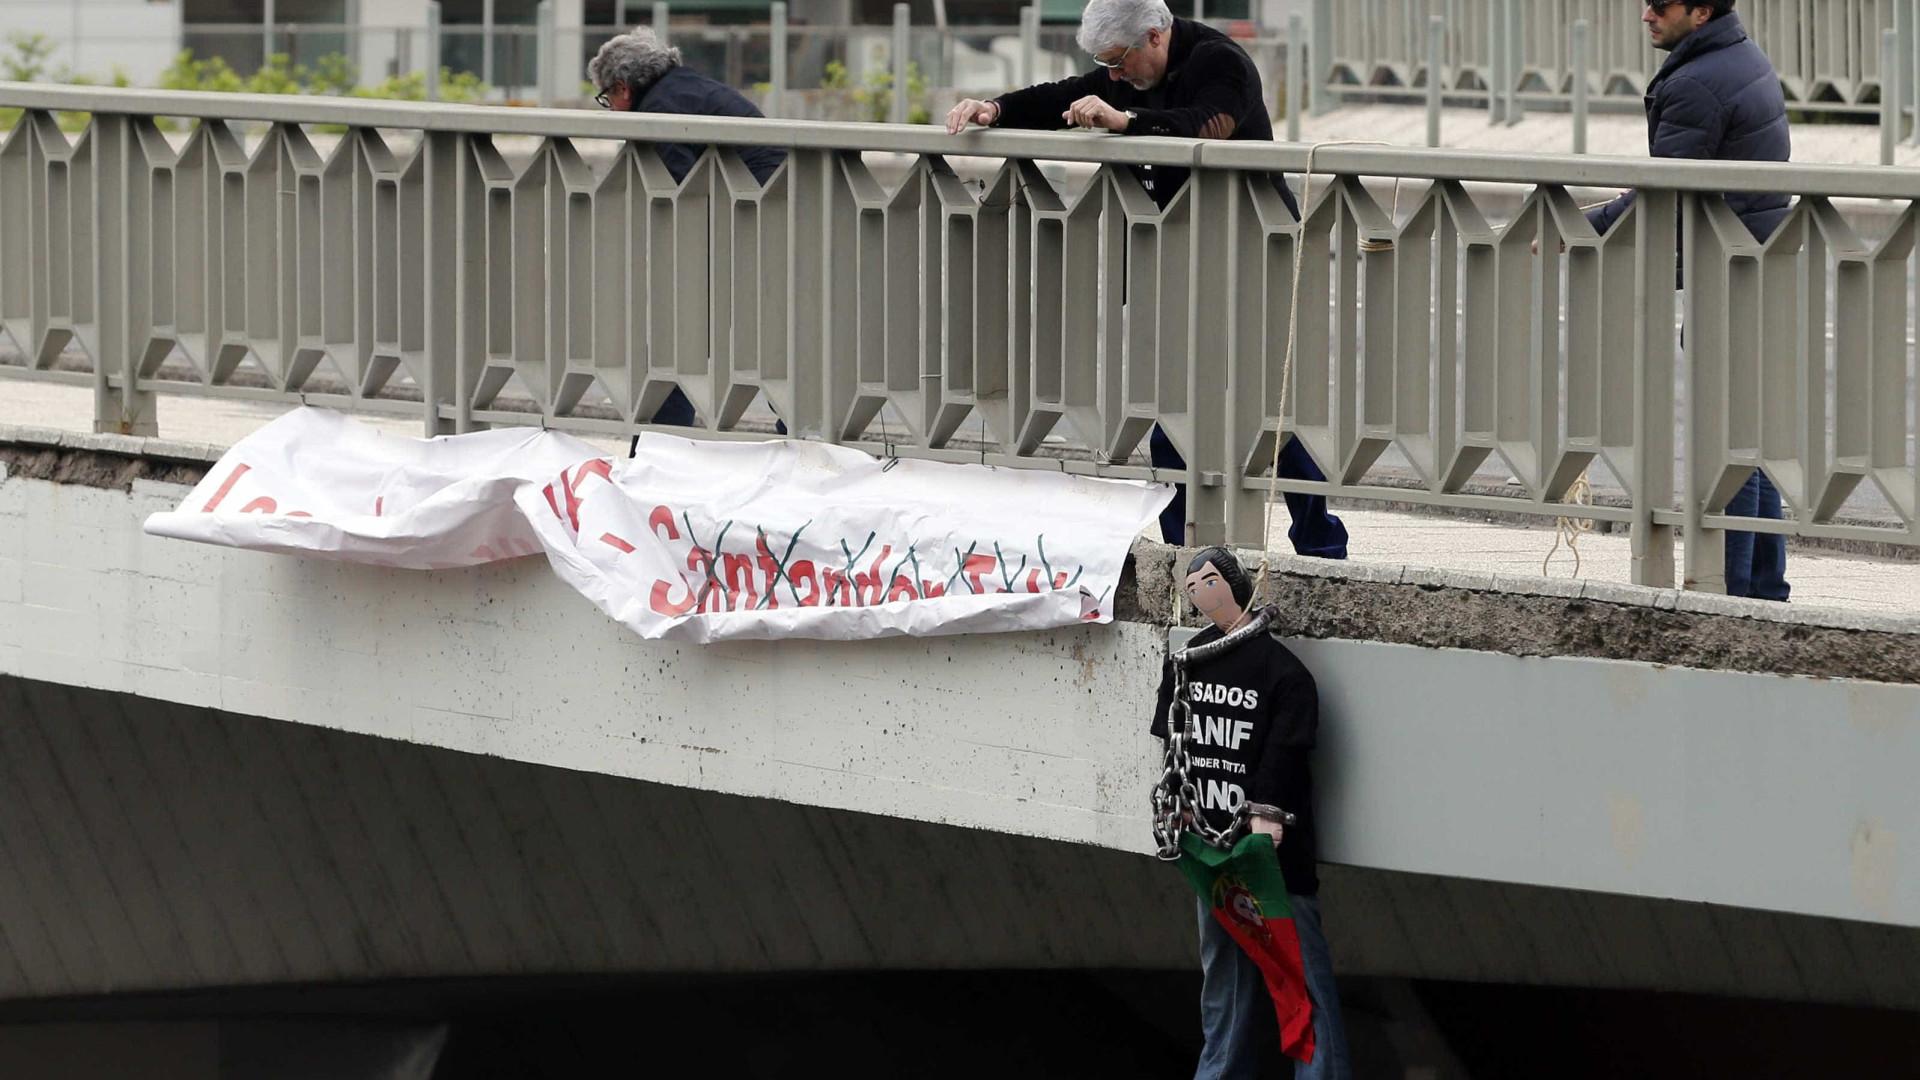 Lesados do Banif protestam acorrentados contra tratamento desigual